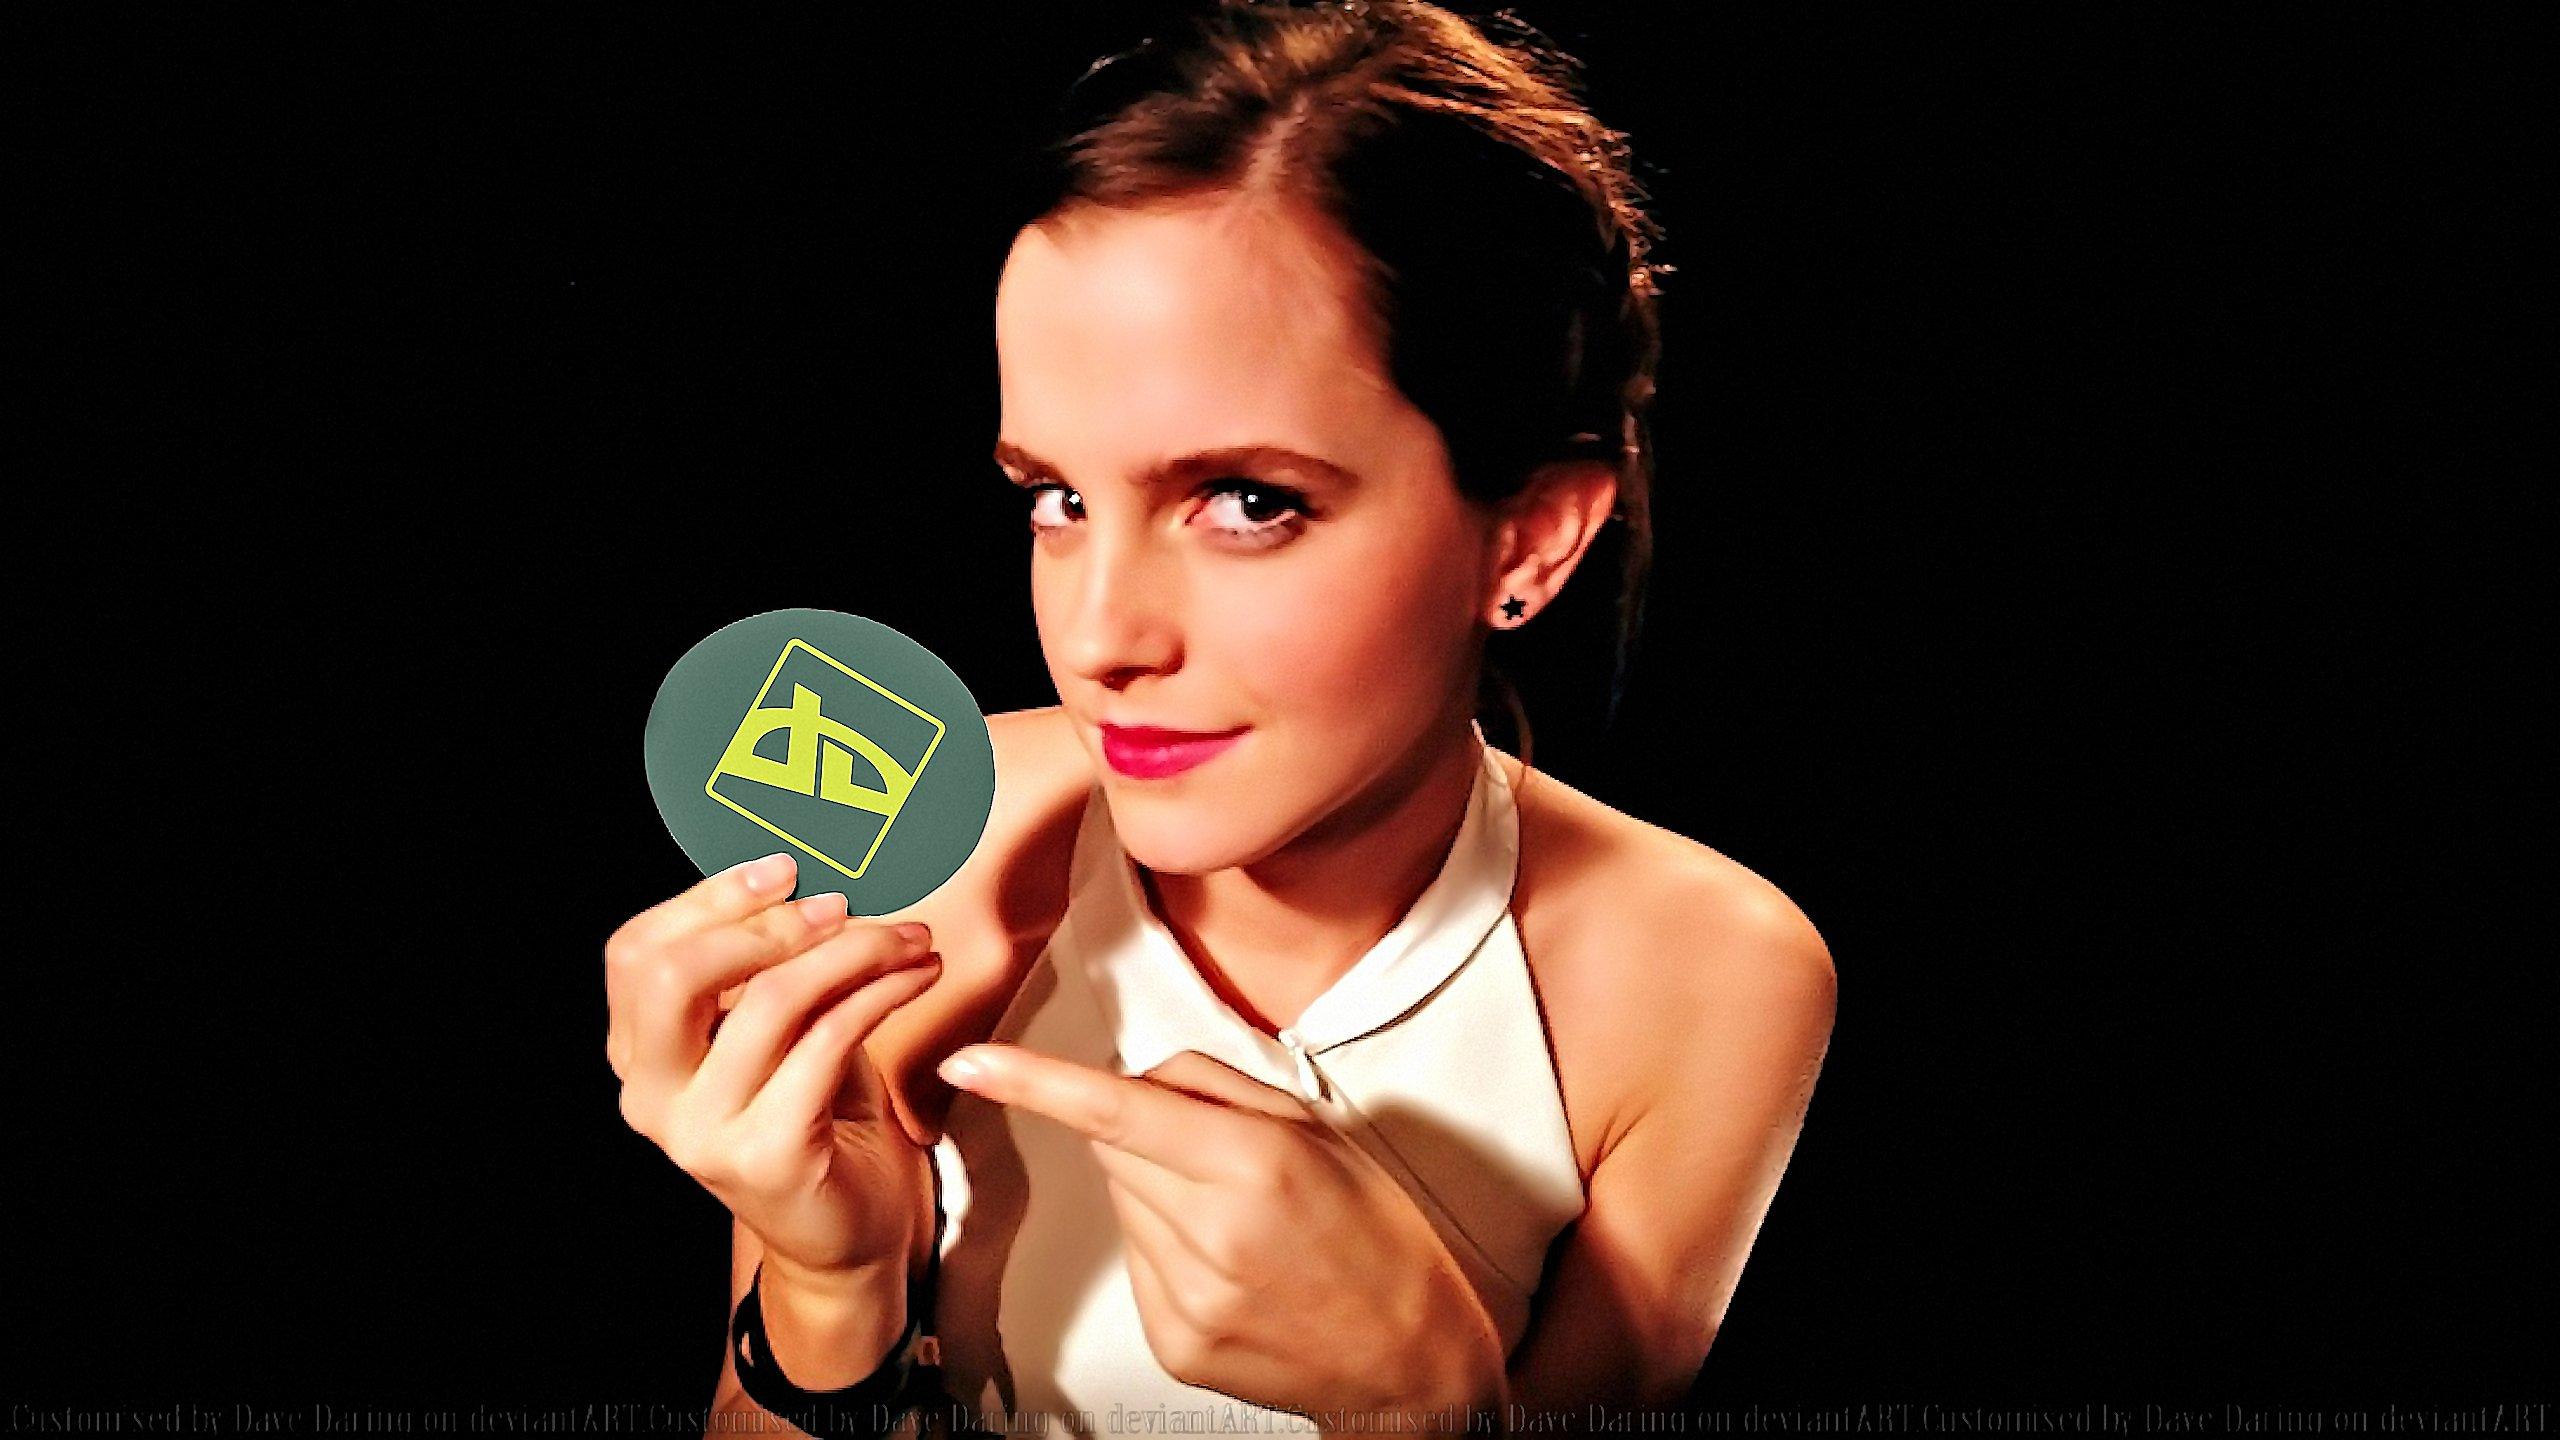 Emma Watson DeviantART Fan by Dave-Daring